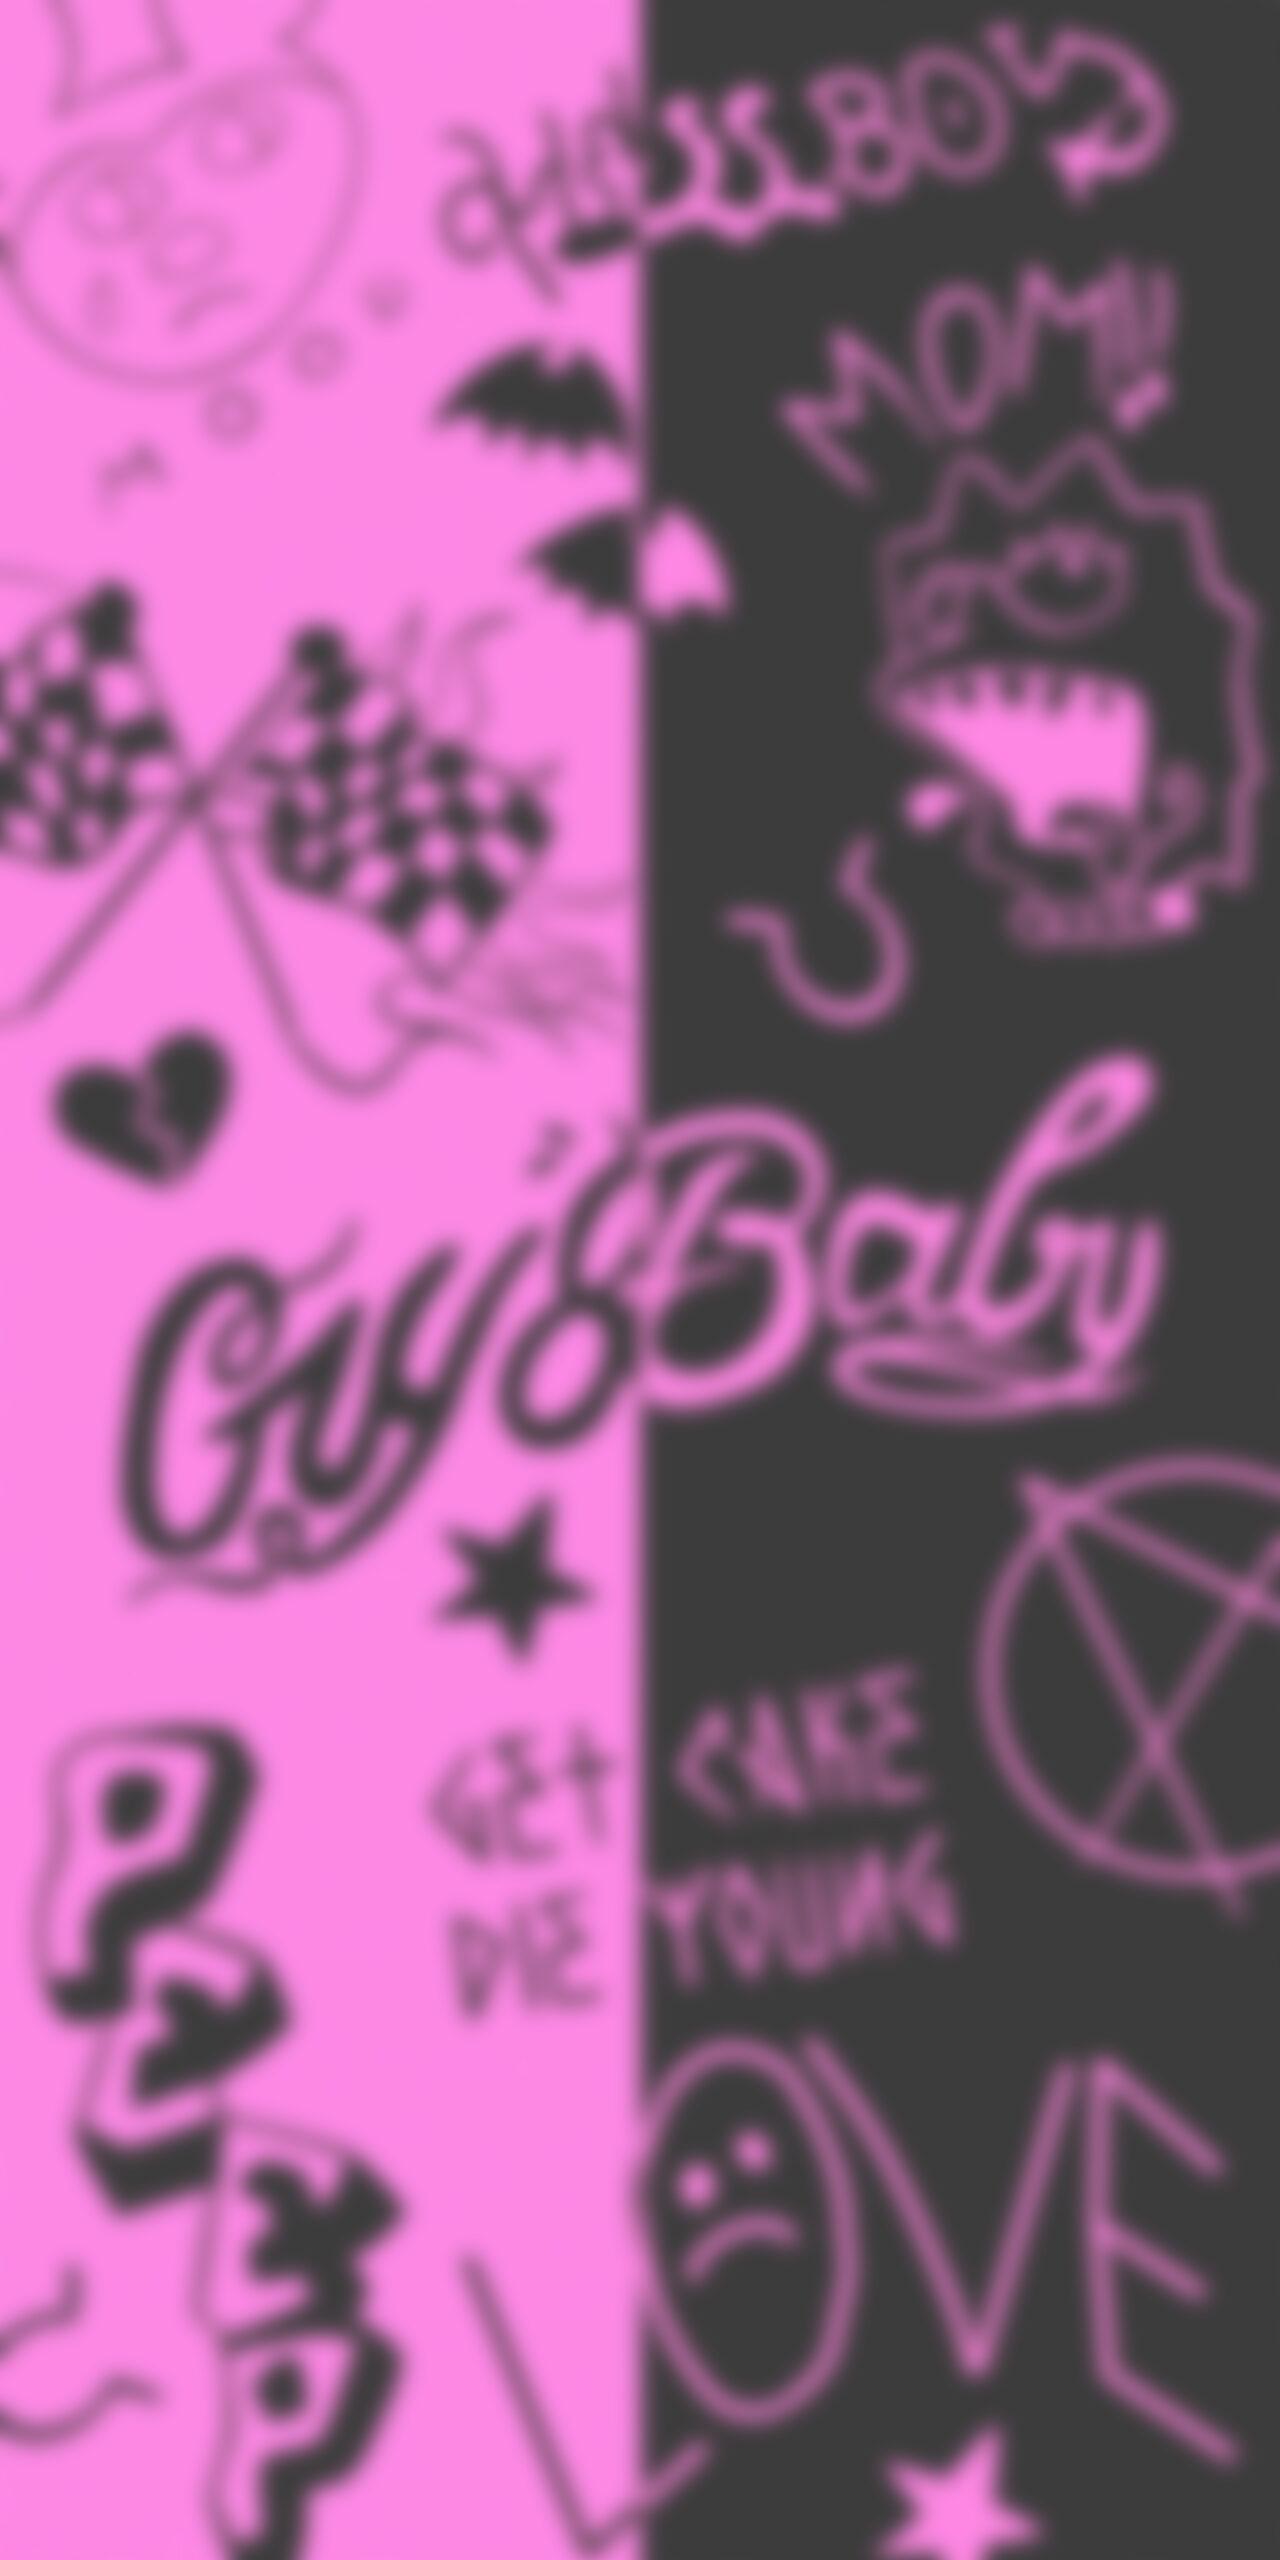 lil peep tattoos pink black blur wallpaper